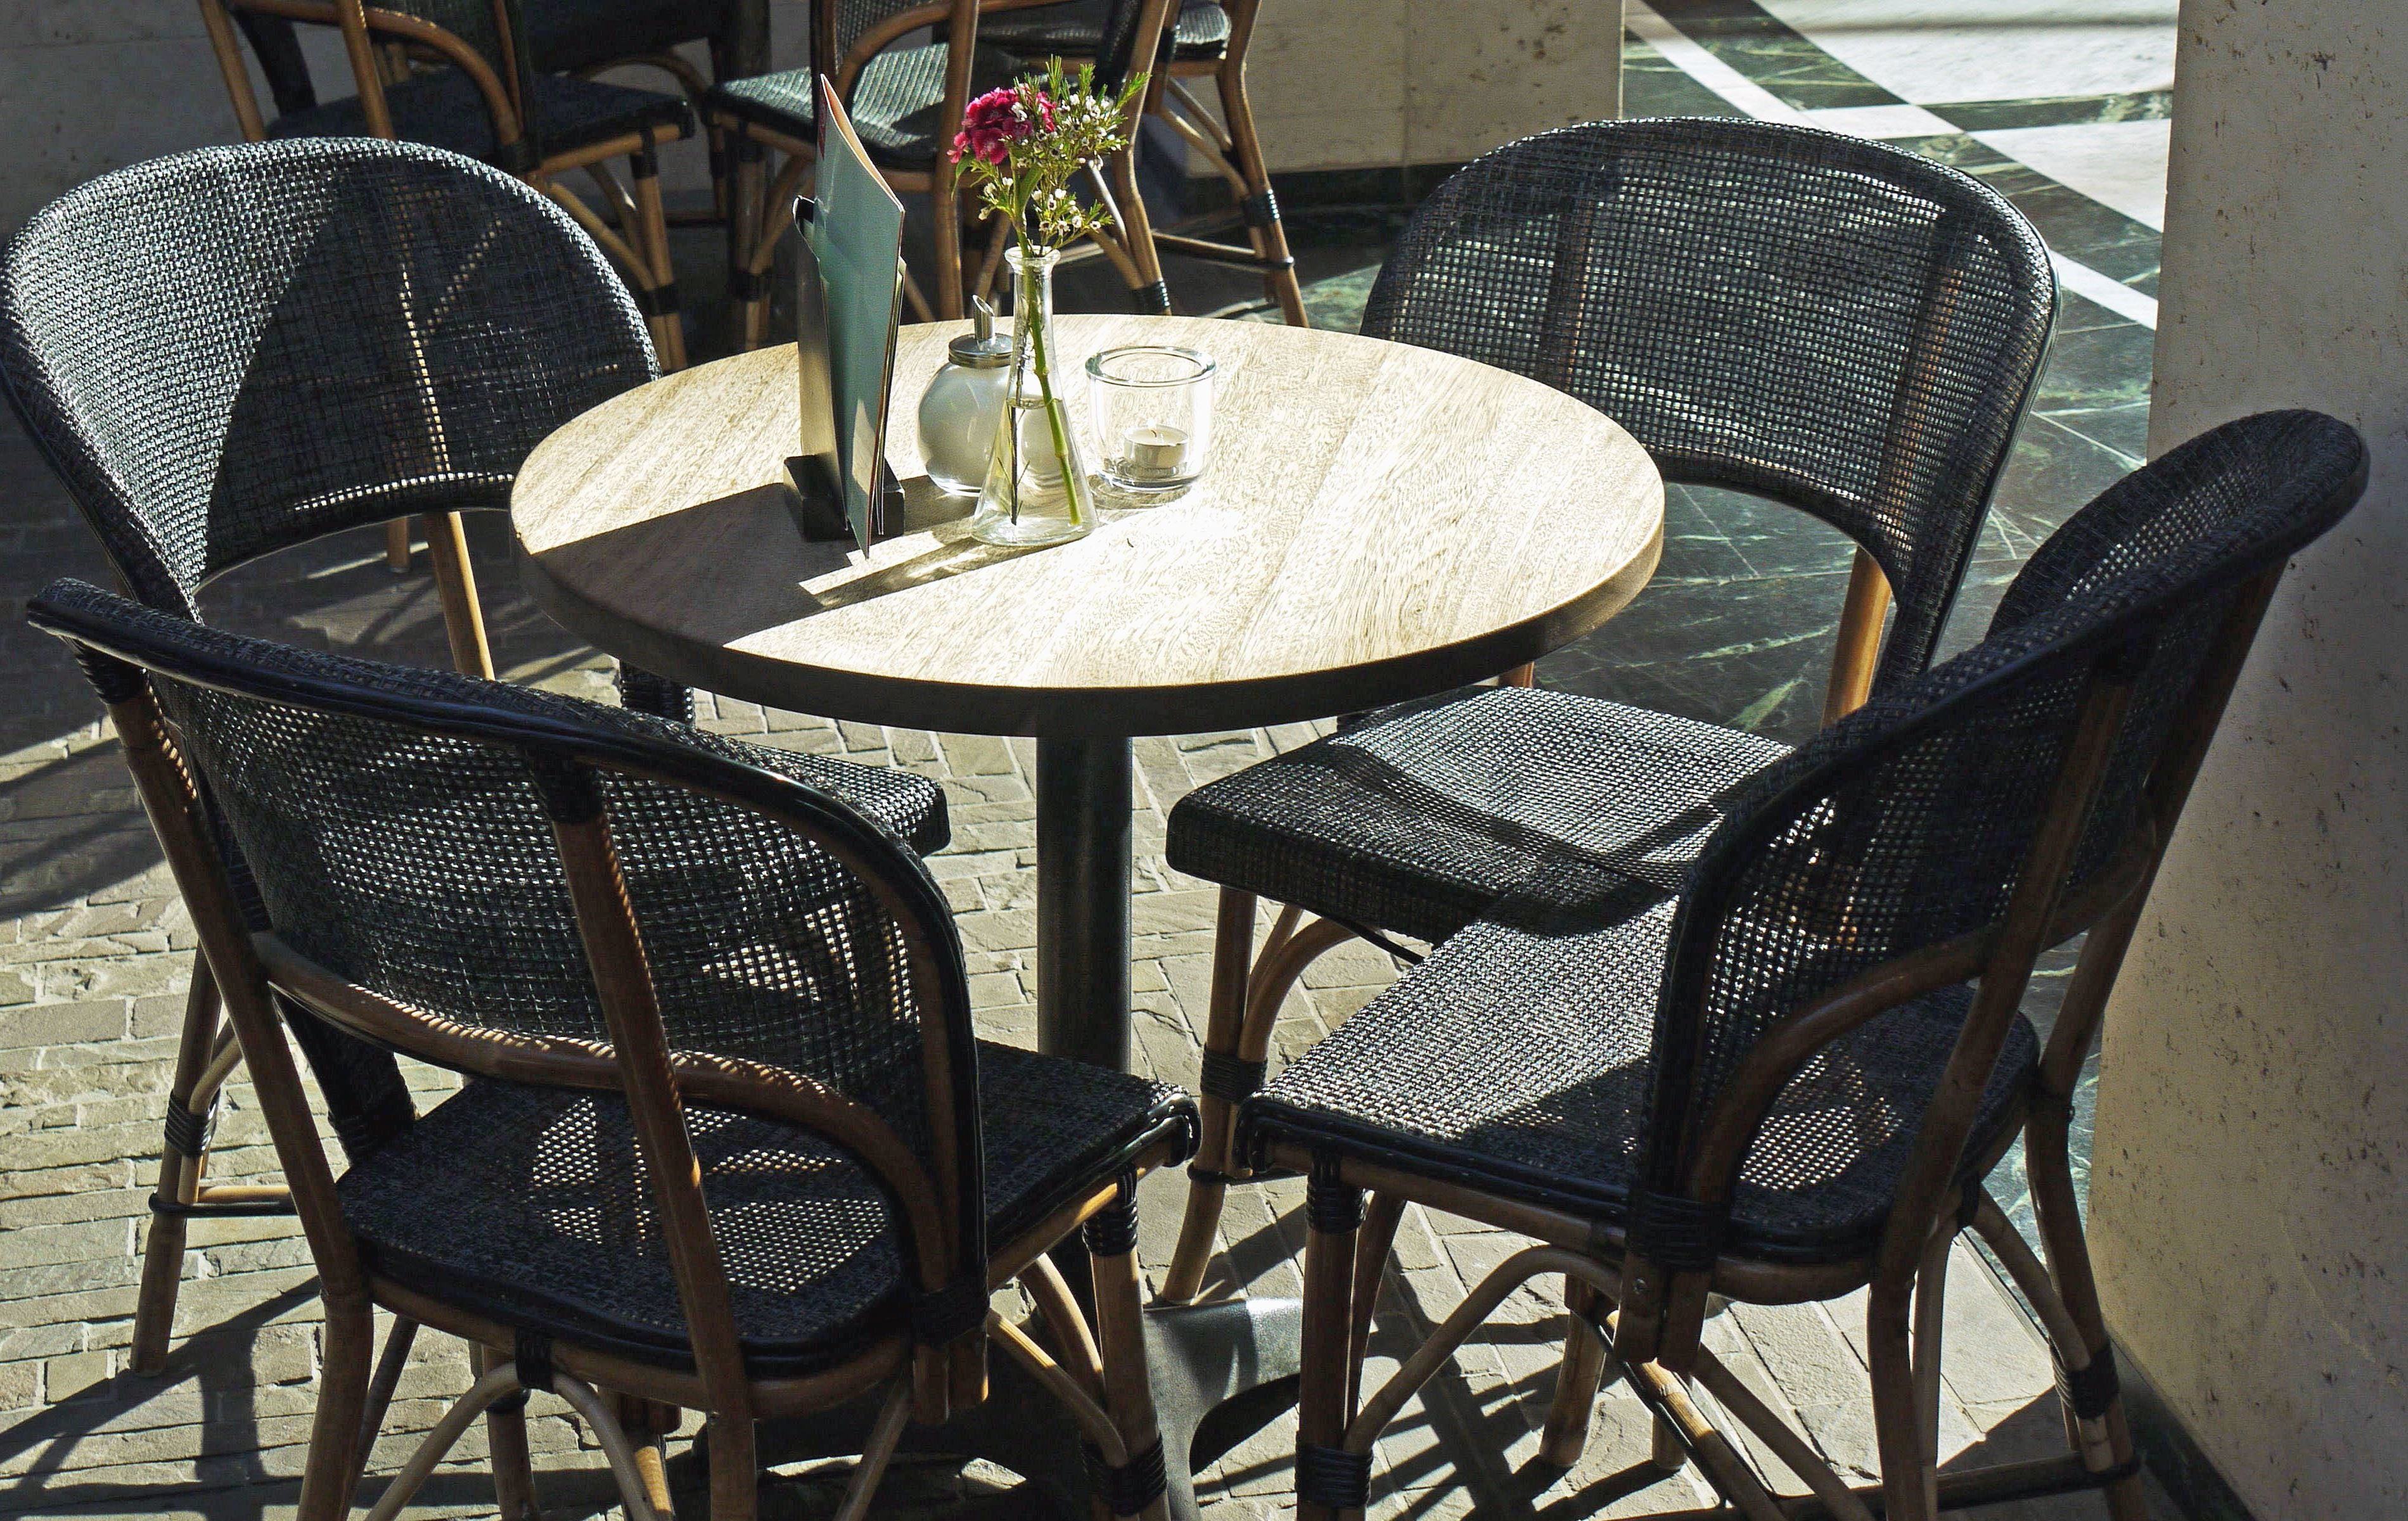 Möbel, Tisch, Stuhl, Zimmer, Interieur, Haus, Holz, Haus, Design, Dekor